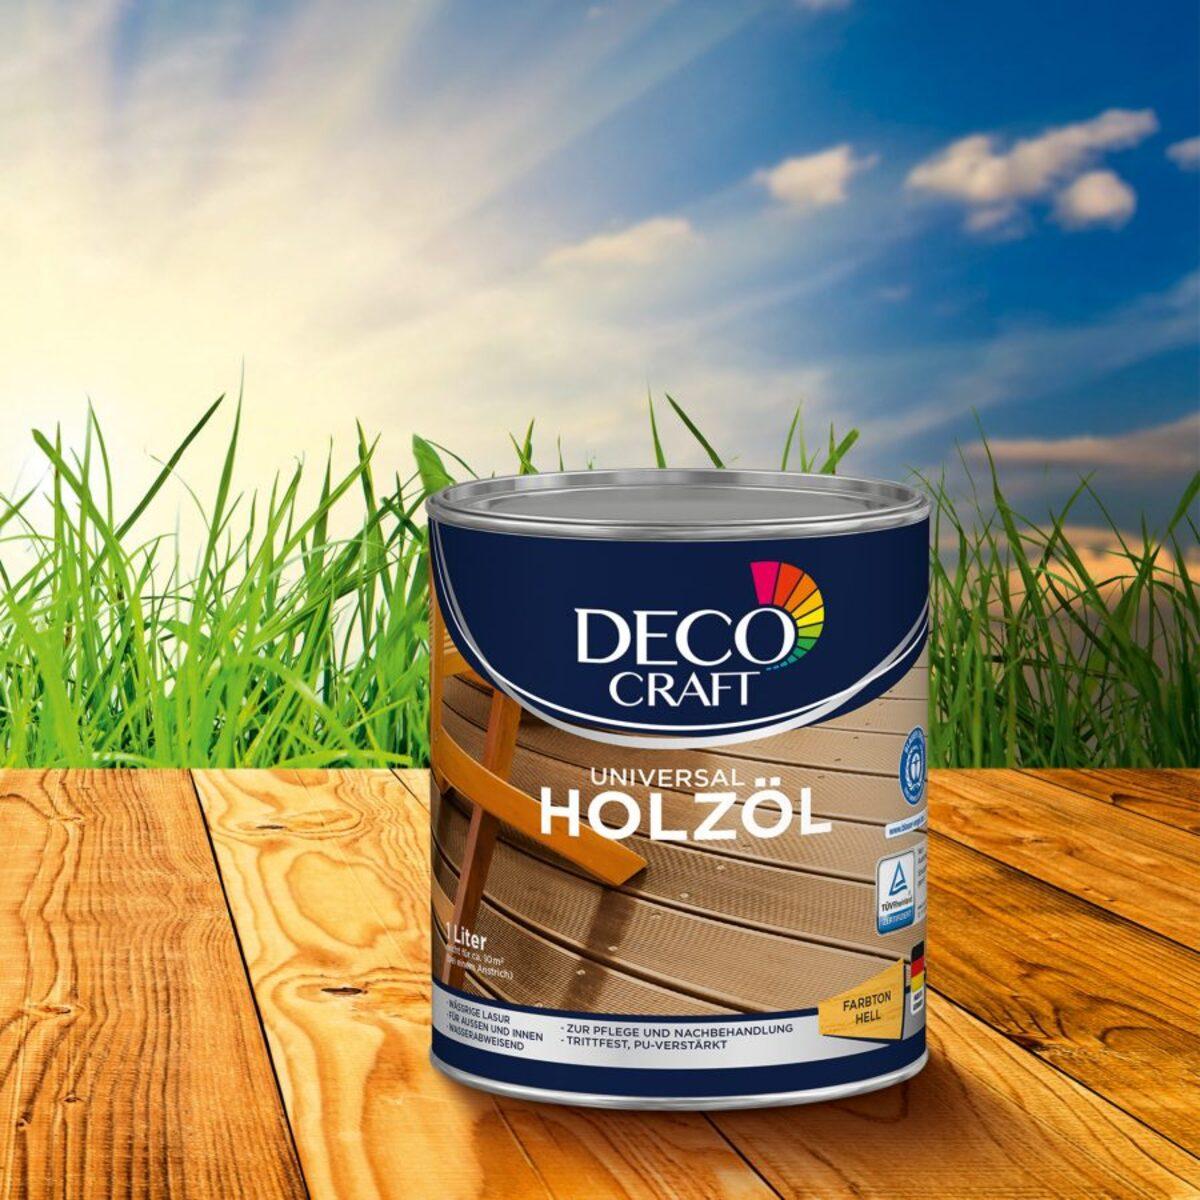 Bild 5 von DECO CRAFT     Universal Holzöl